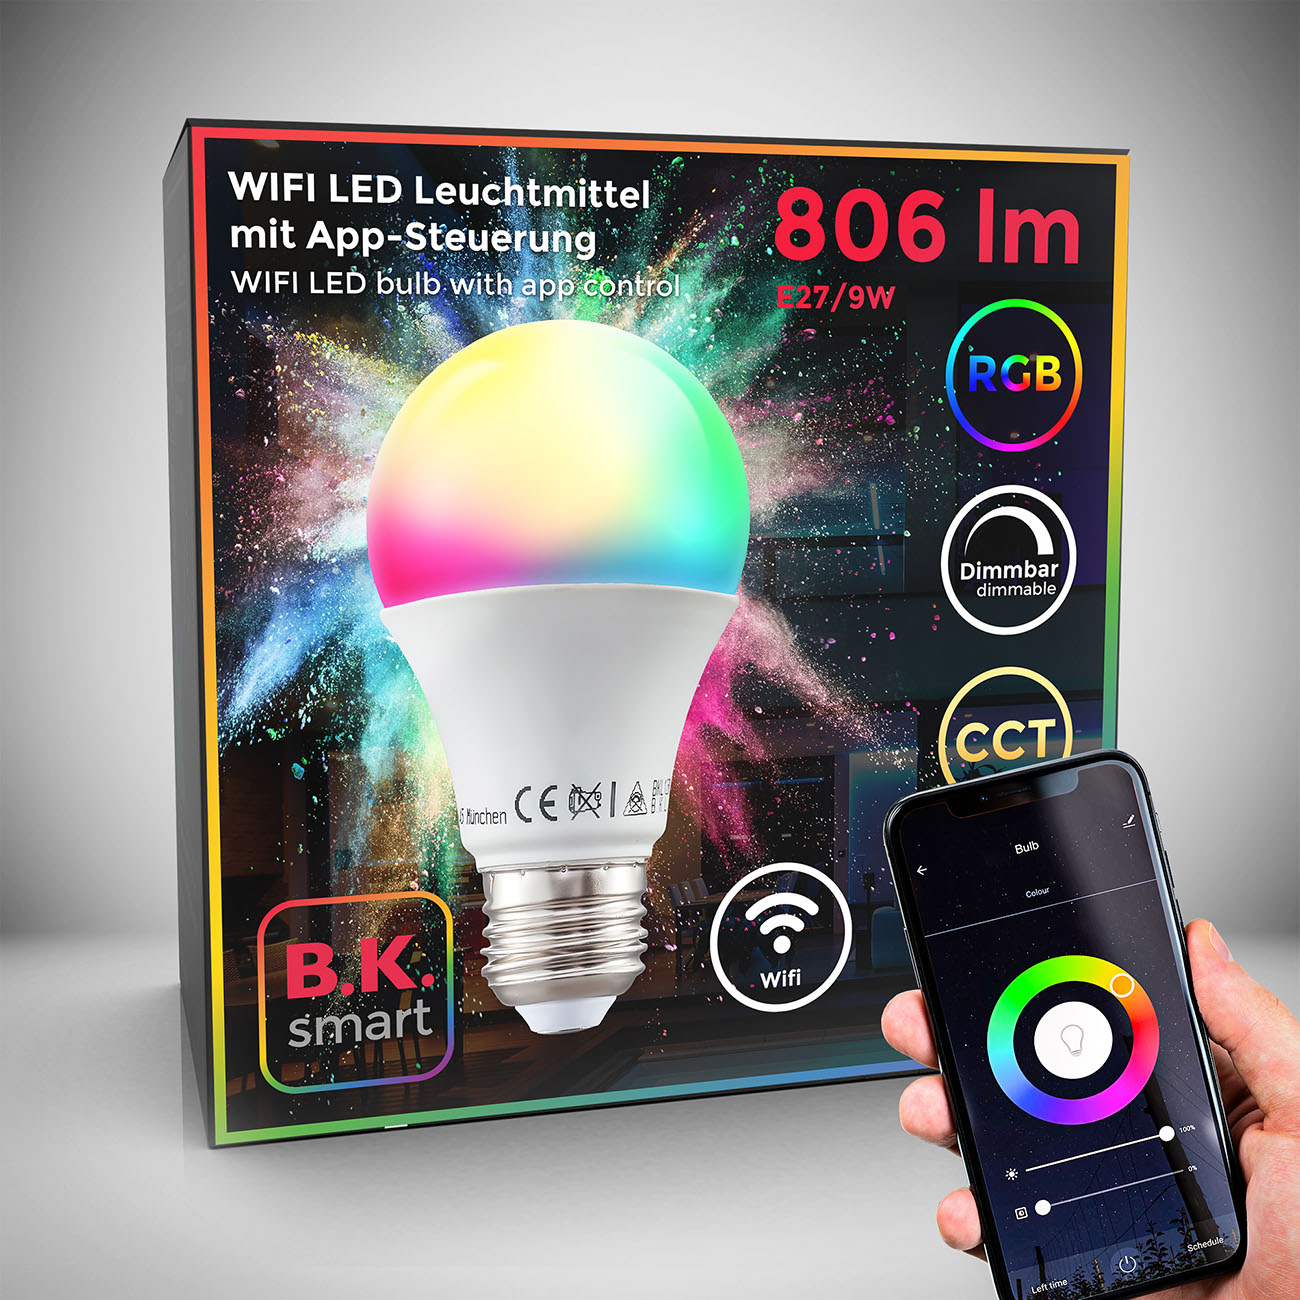 WiFi LED Leuchtmittel RGB + CCT E27 9W - 1